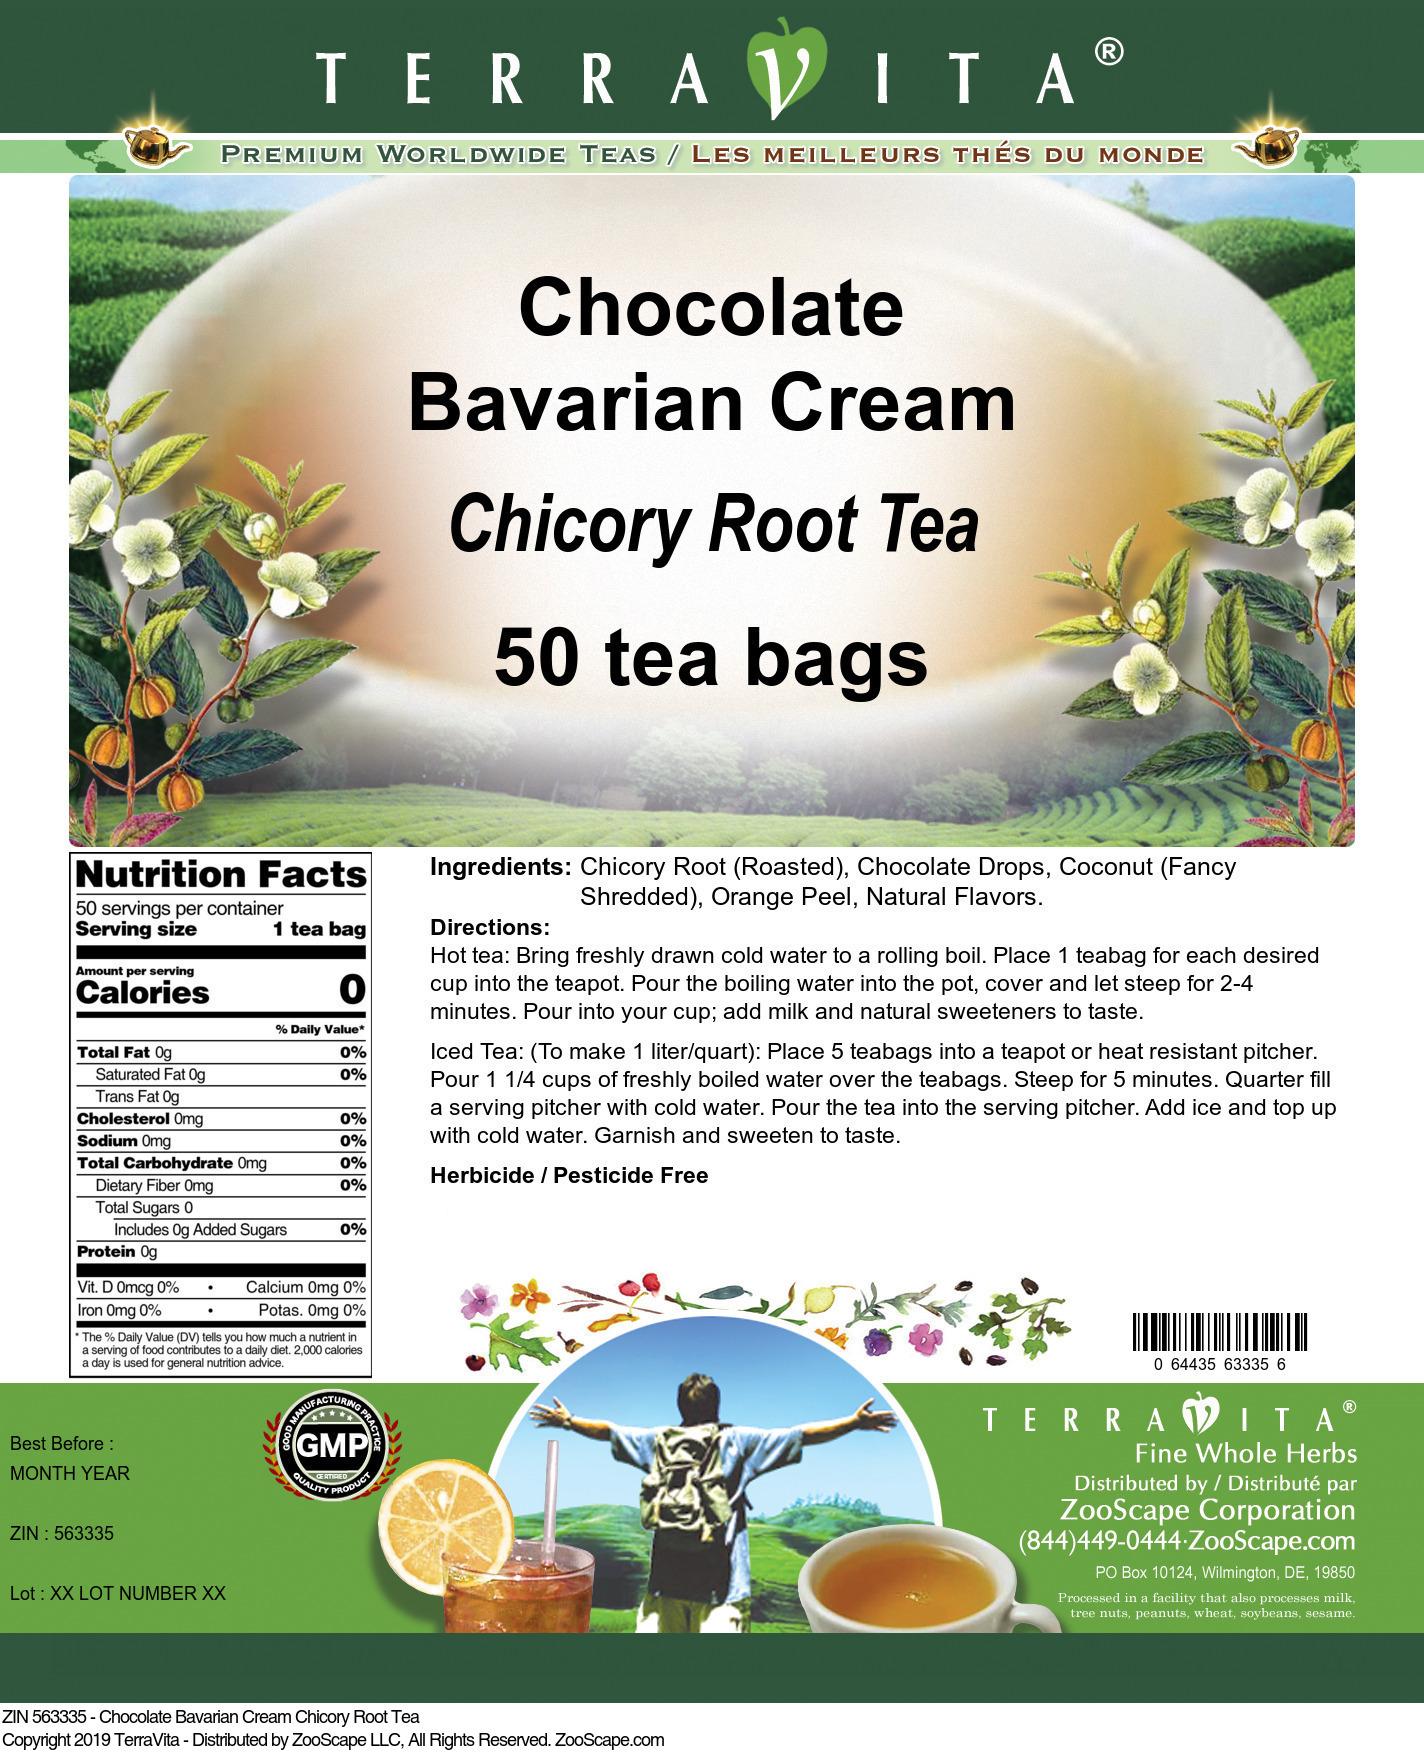 Chocolate Bavarian Cream Chicory Root Tea